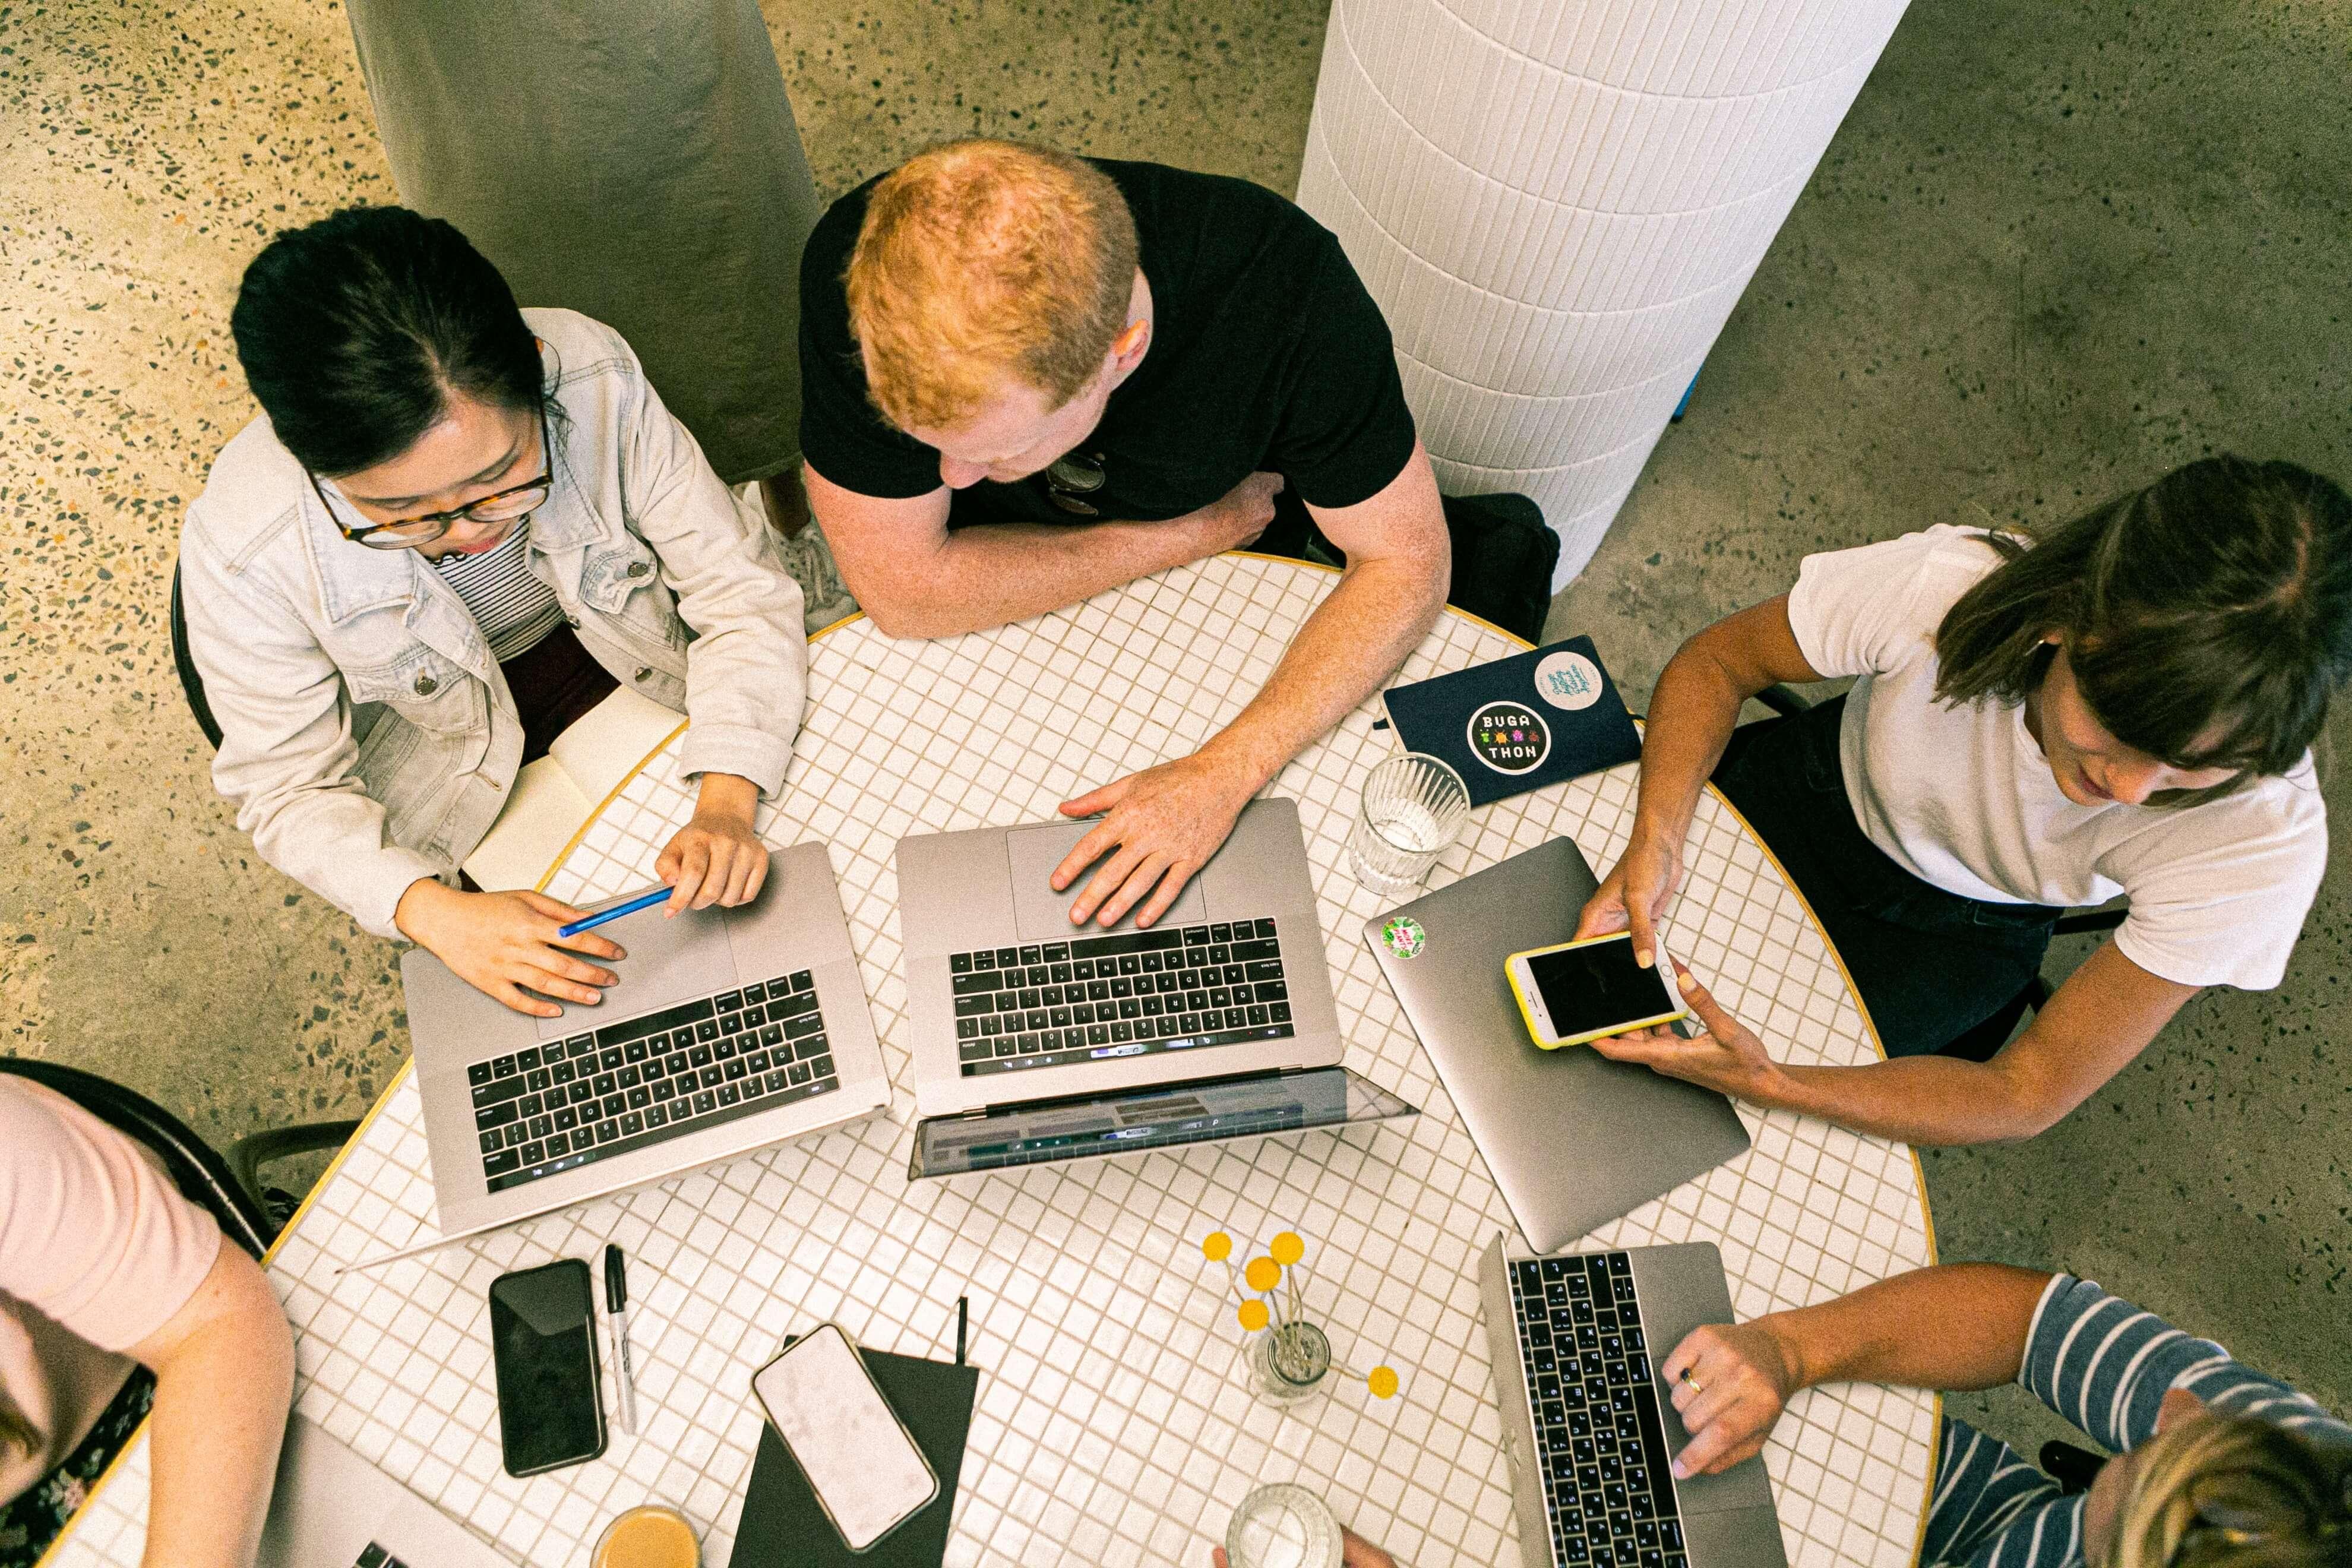 Equipe de cinco pessoas trabalhando com seus notebooks e smartphones